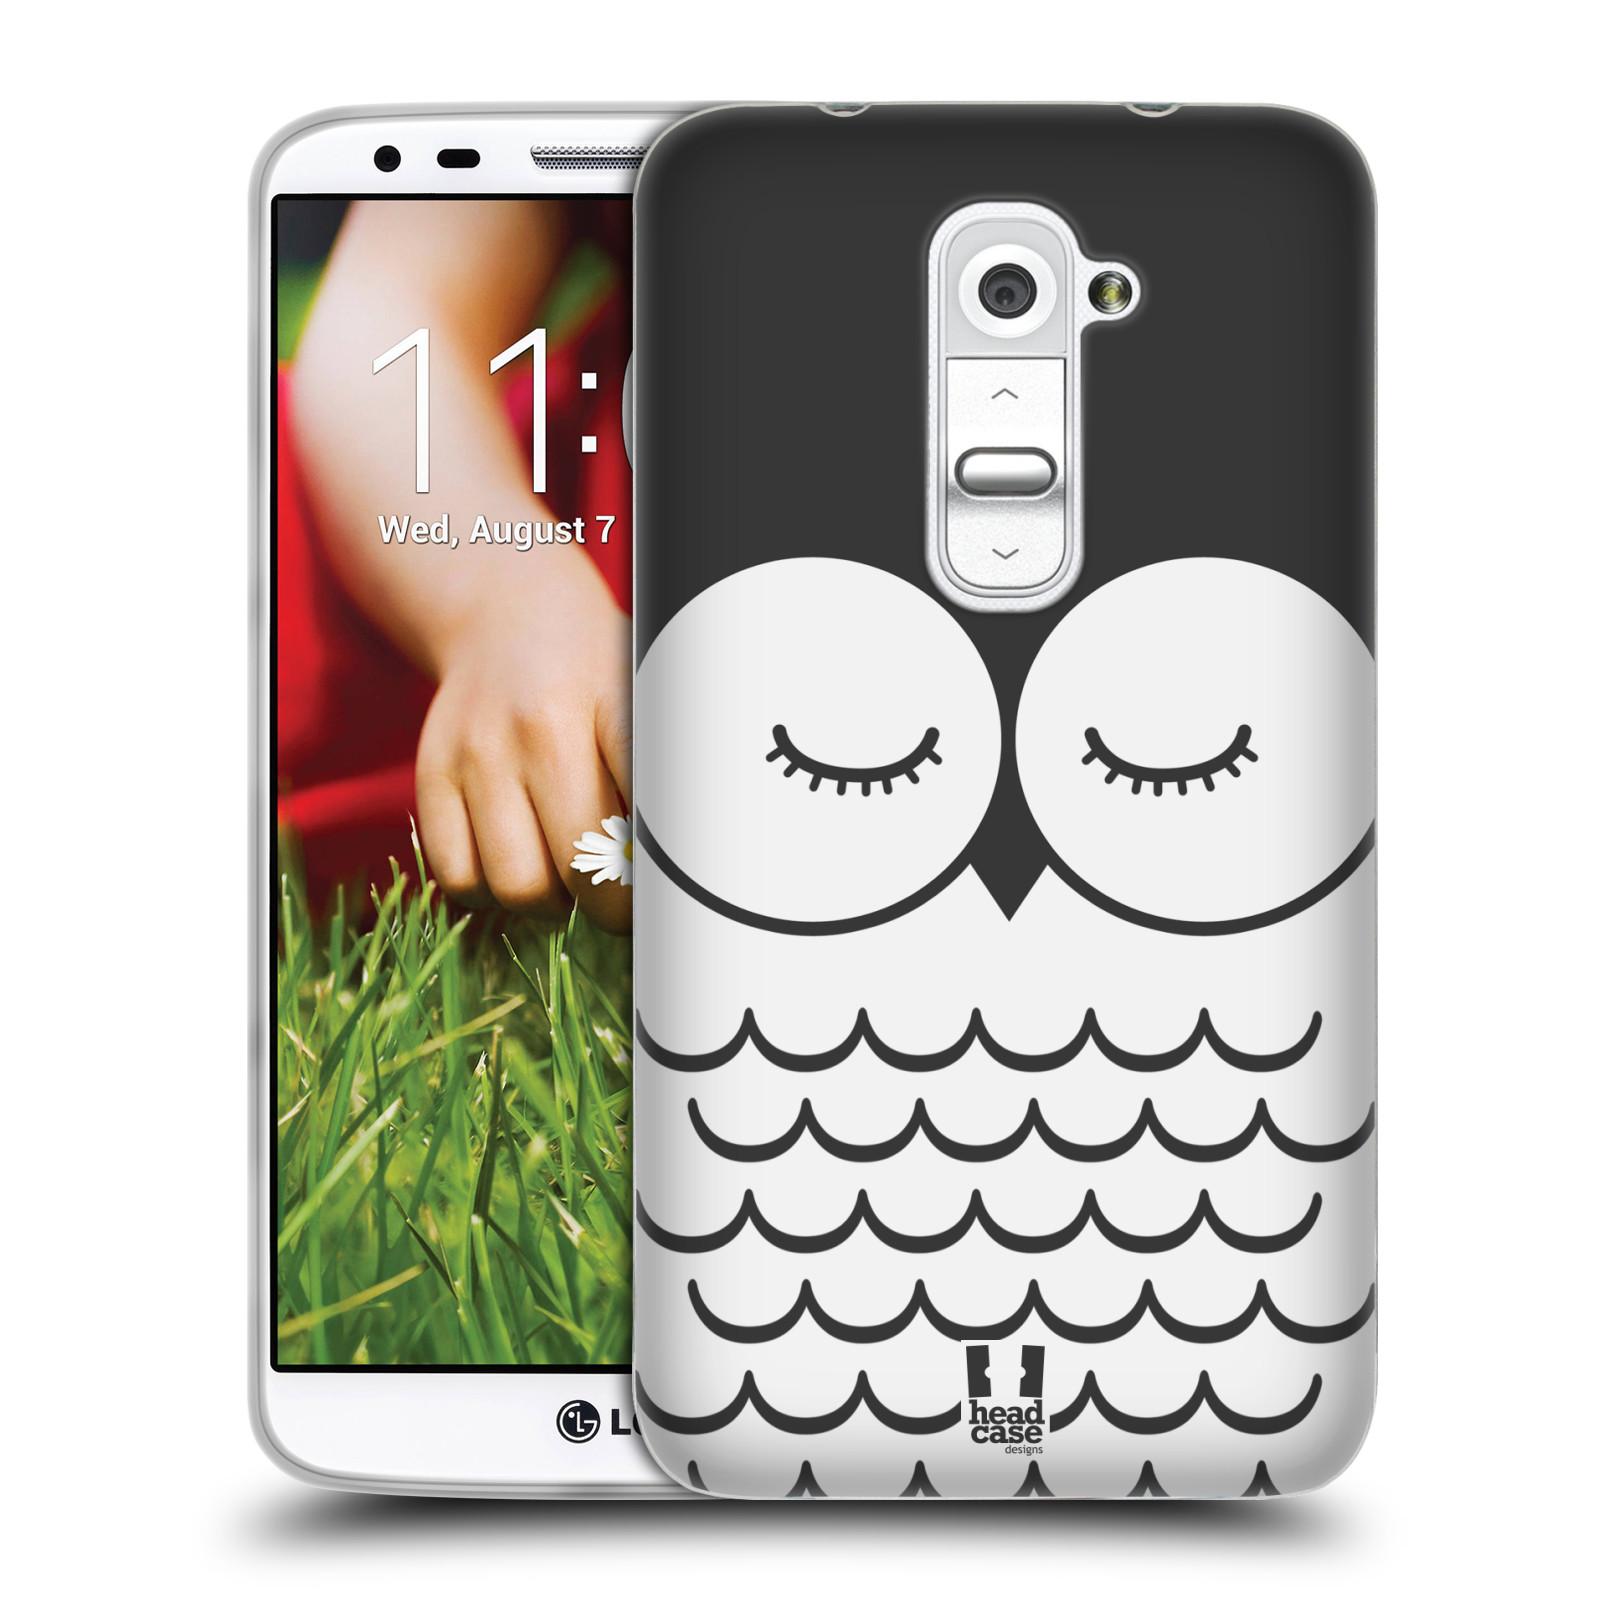 HEAD CASE silikonový obal na mobil LG G2 vzor Cartoon Karikatura kreslená zvířátka sova